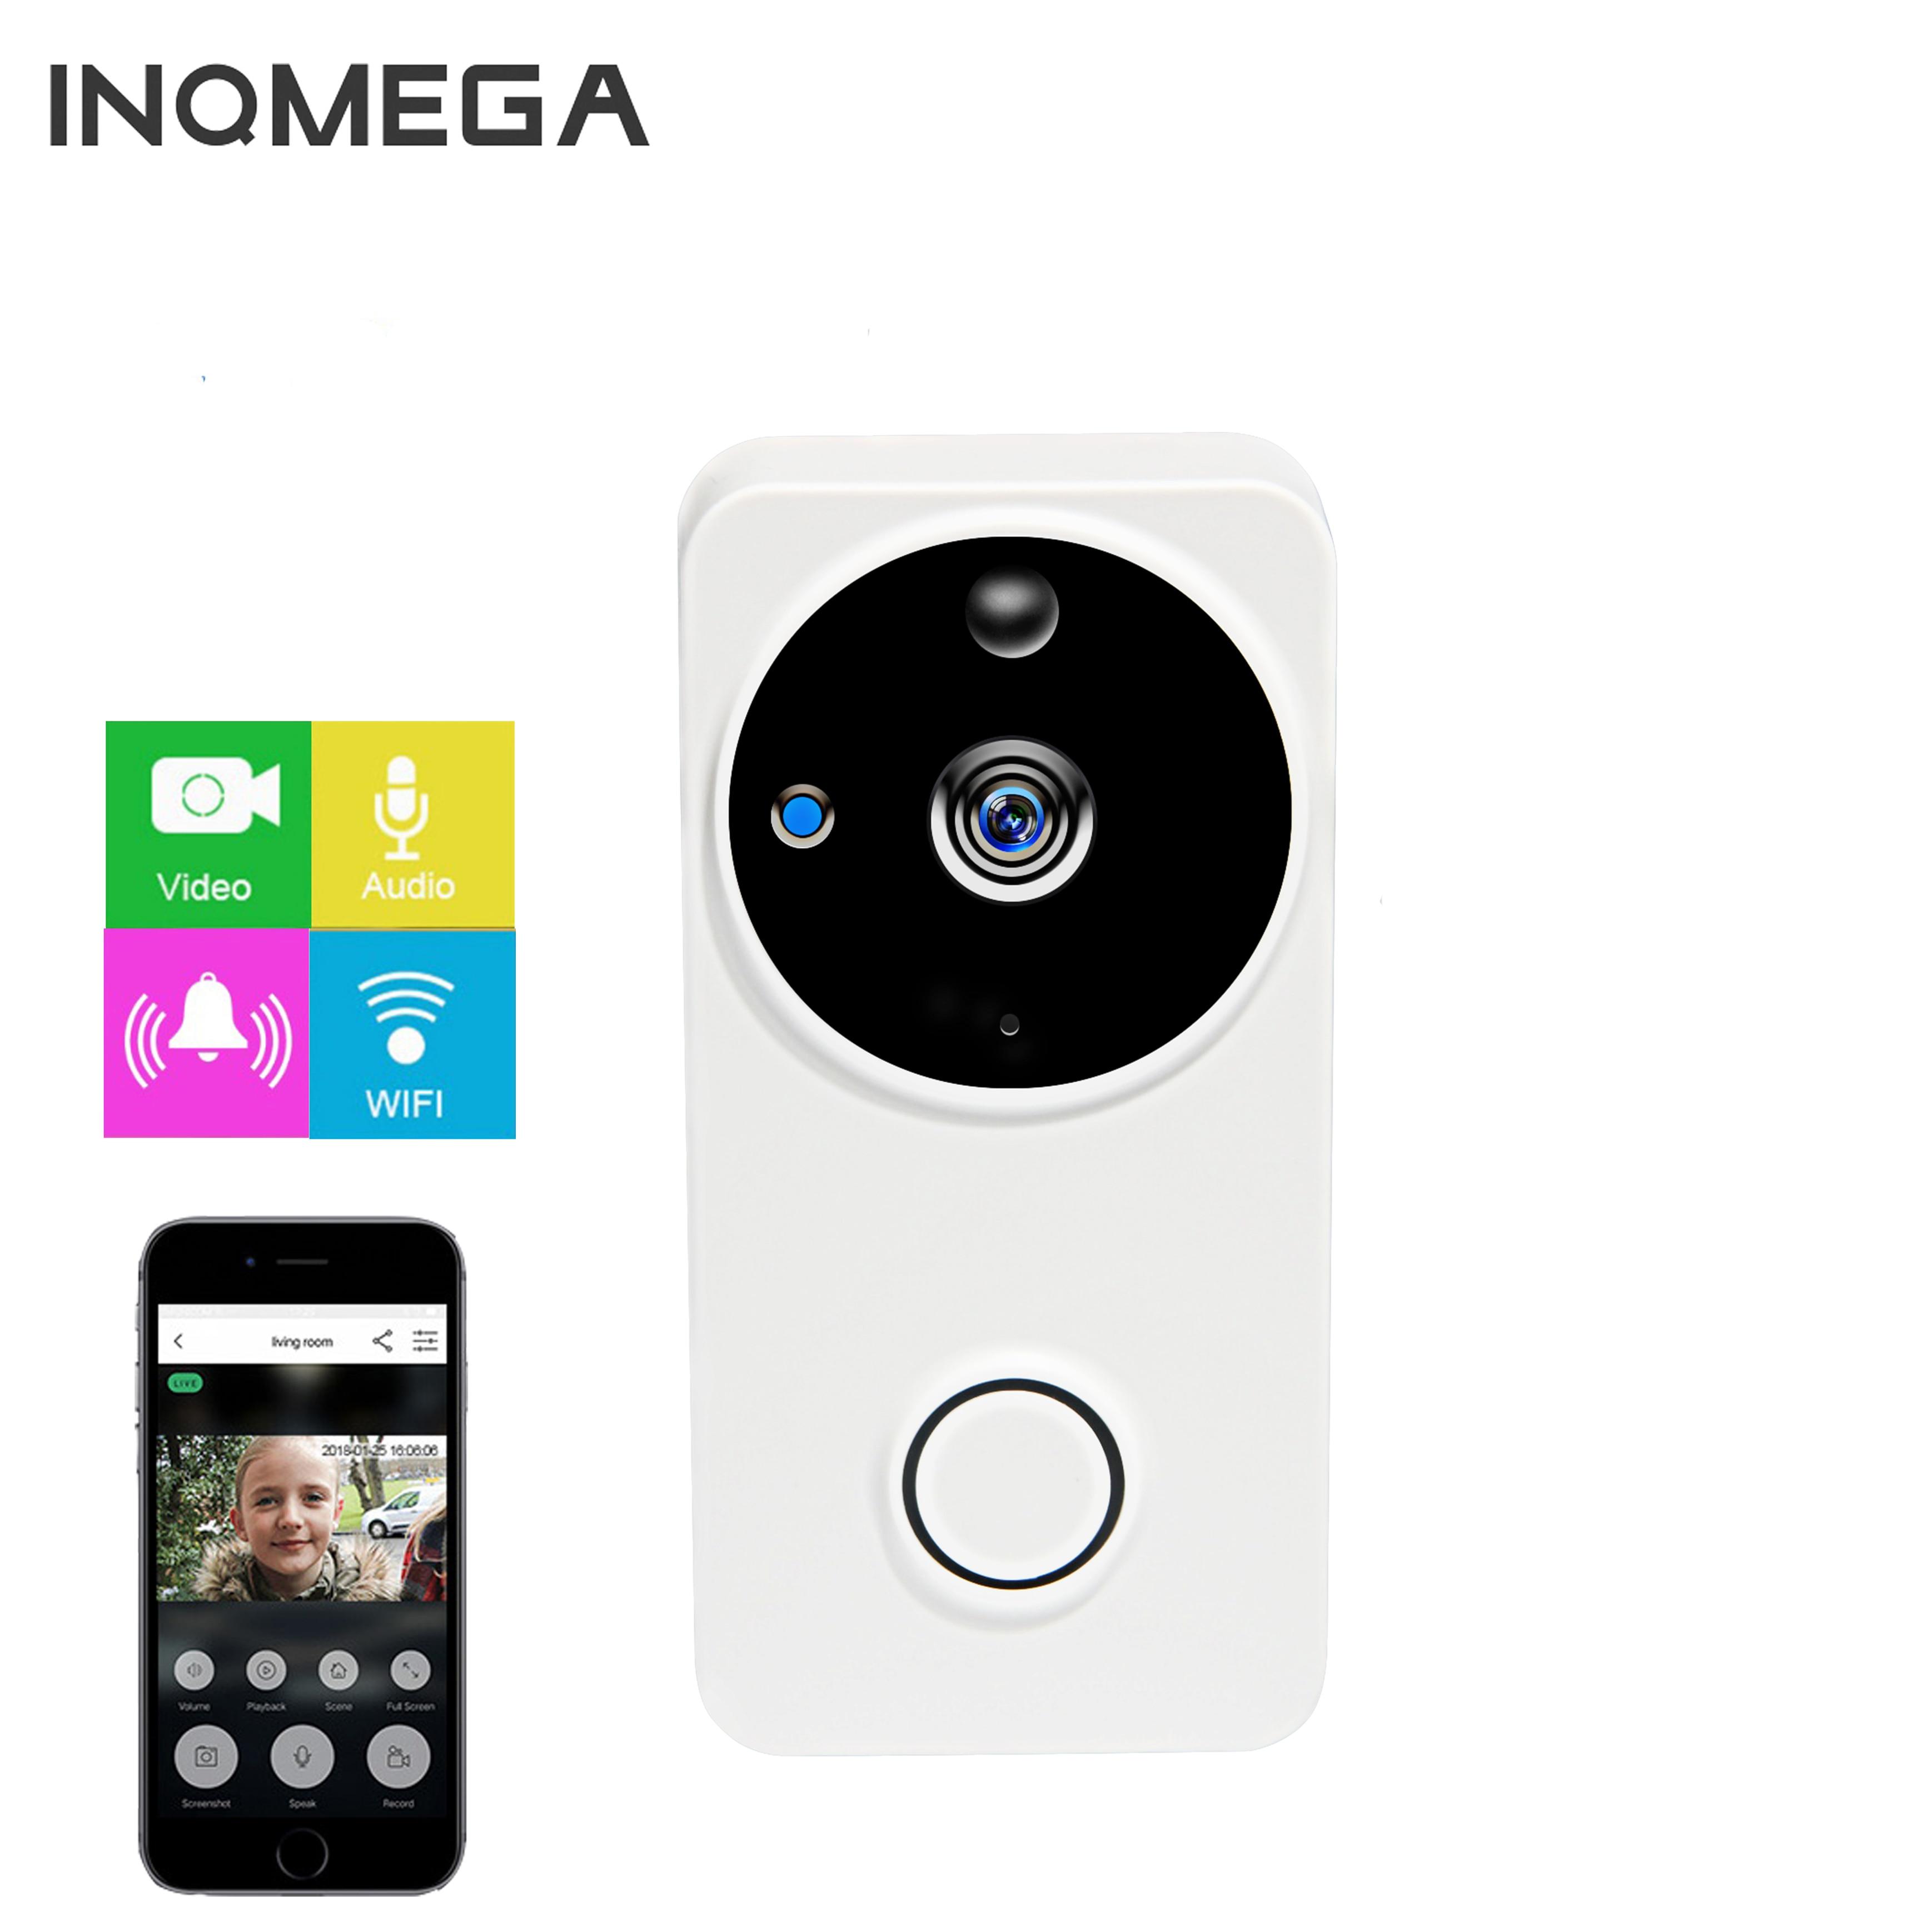 INQMEGA Video Doorbell Smart Wireless WiFi Security Door Bell Visual Recording Home Monitor Night Vision Intercom Door Phone